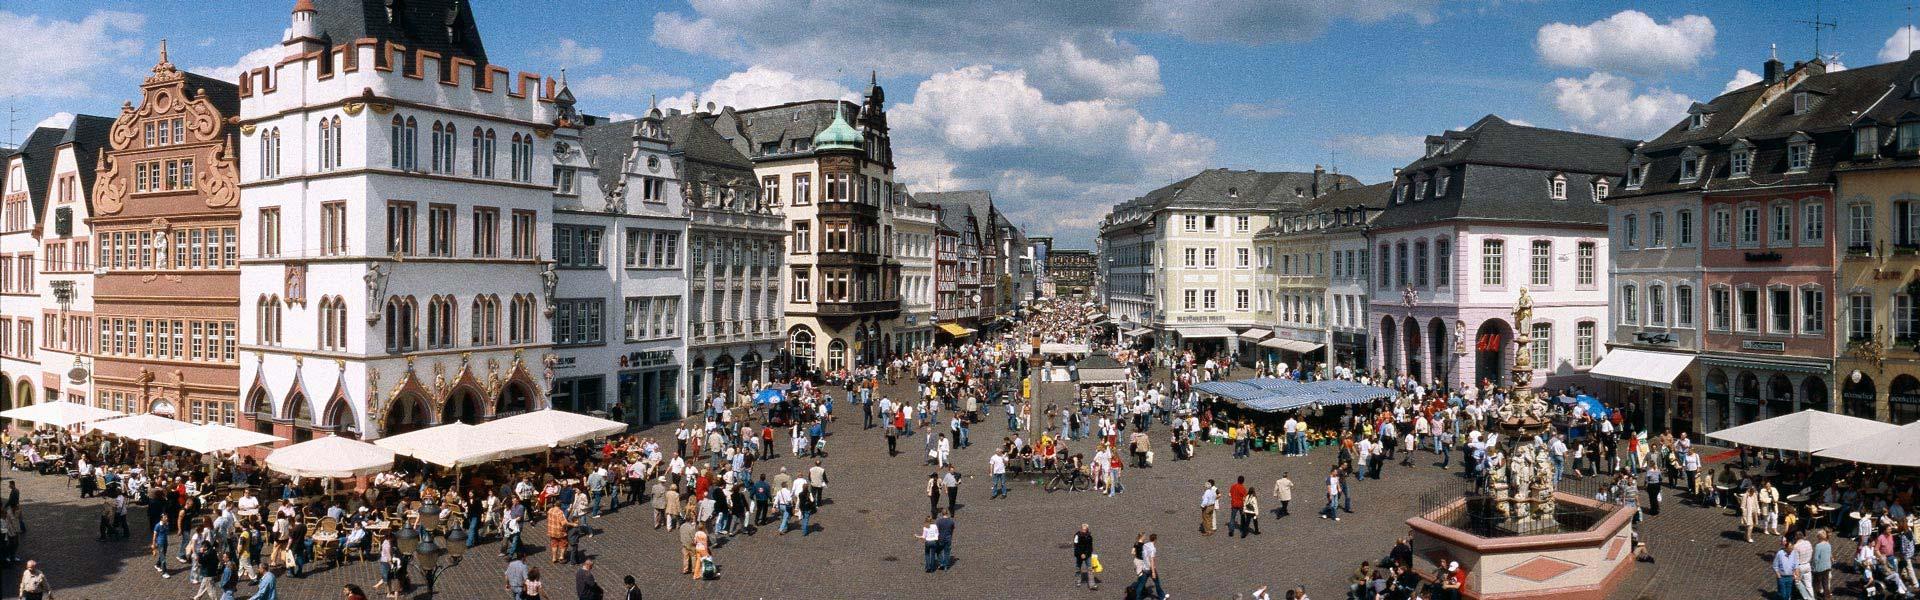 Trier kort voorgesteld